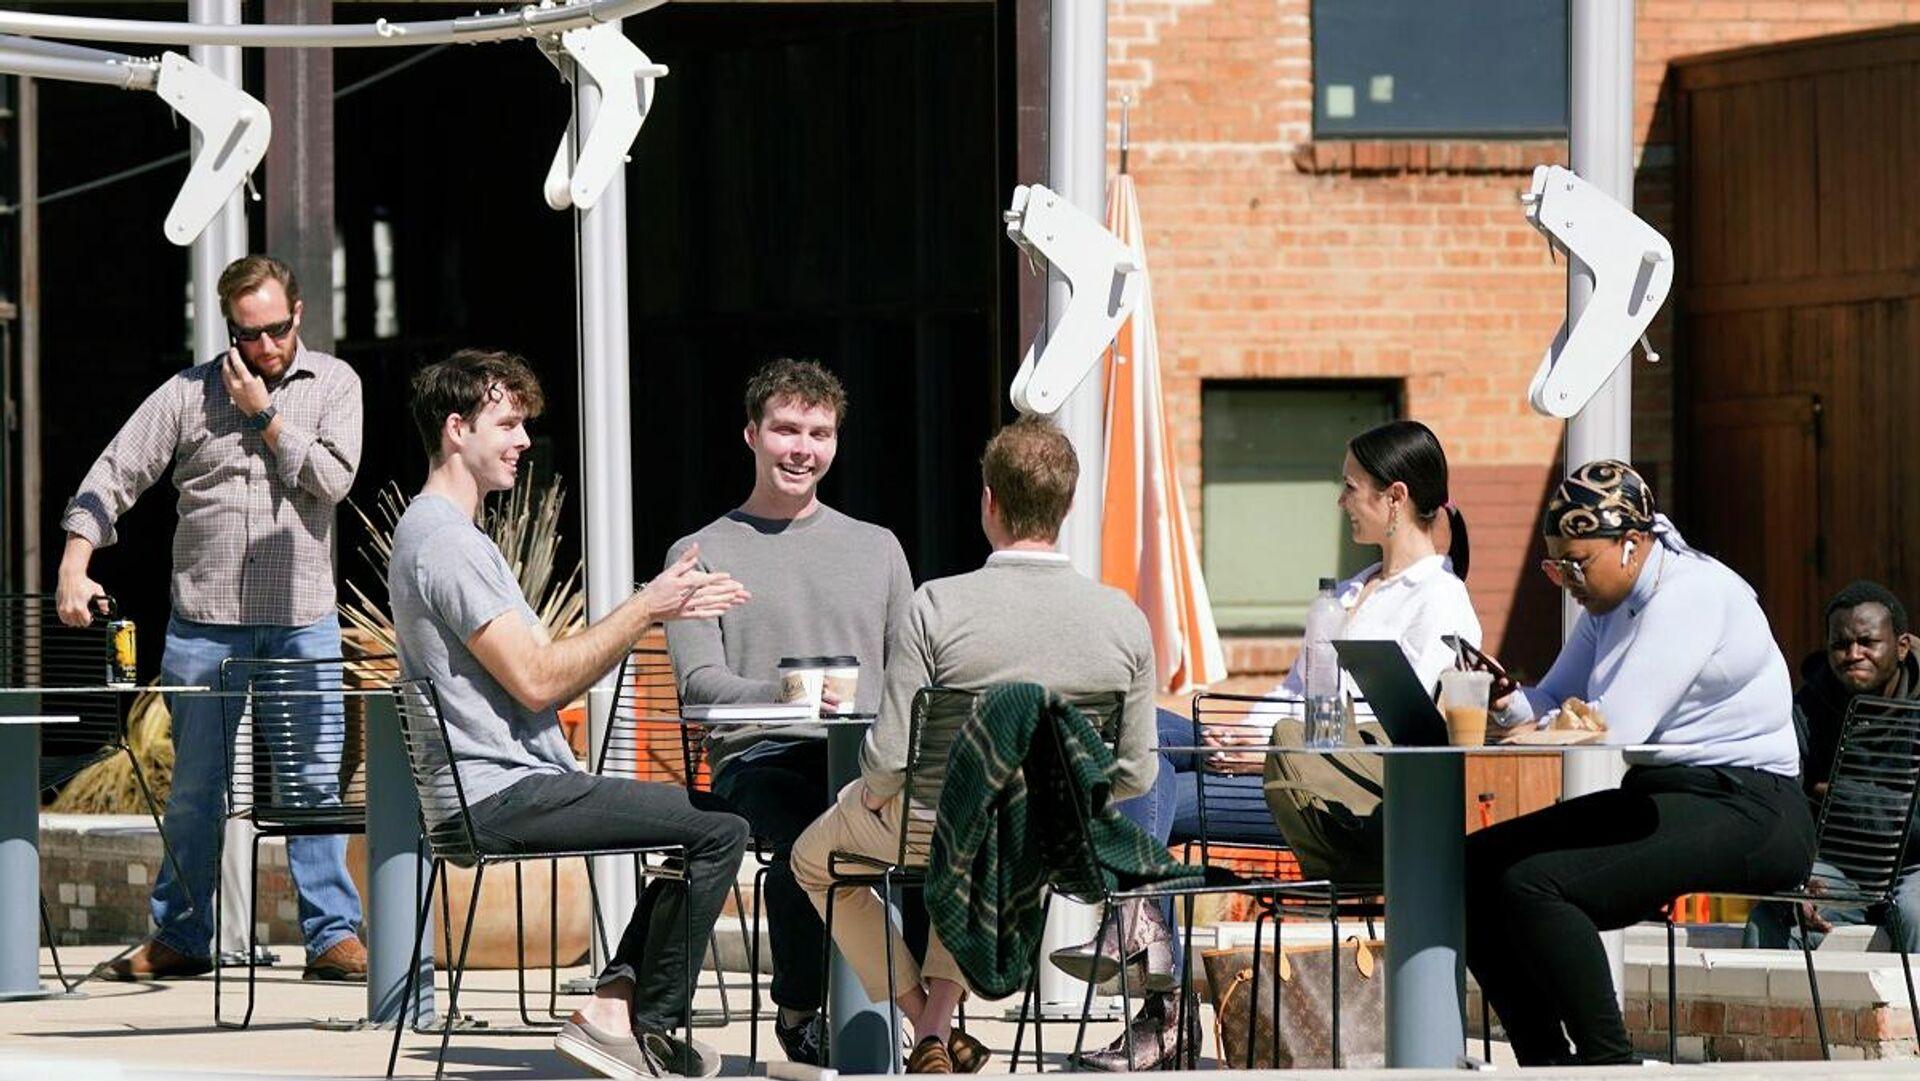 Unos jóvenes sin mascarillas se reúnen en un local, Dallas. - Sputnik Mundo, 1920, 04.03.2021